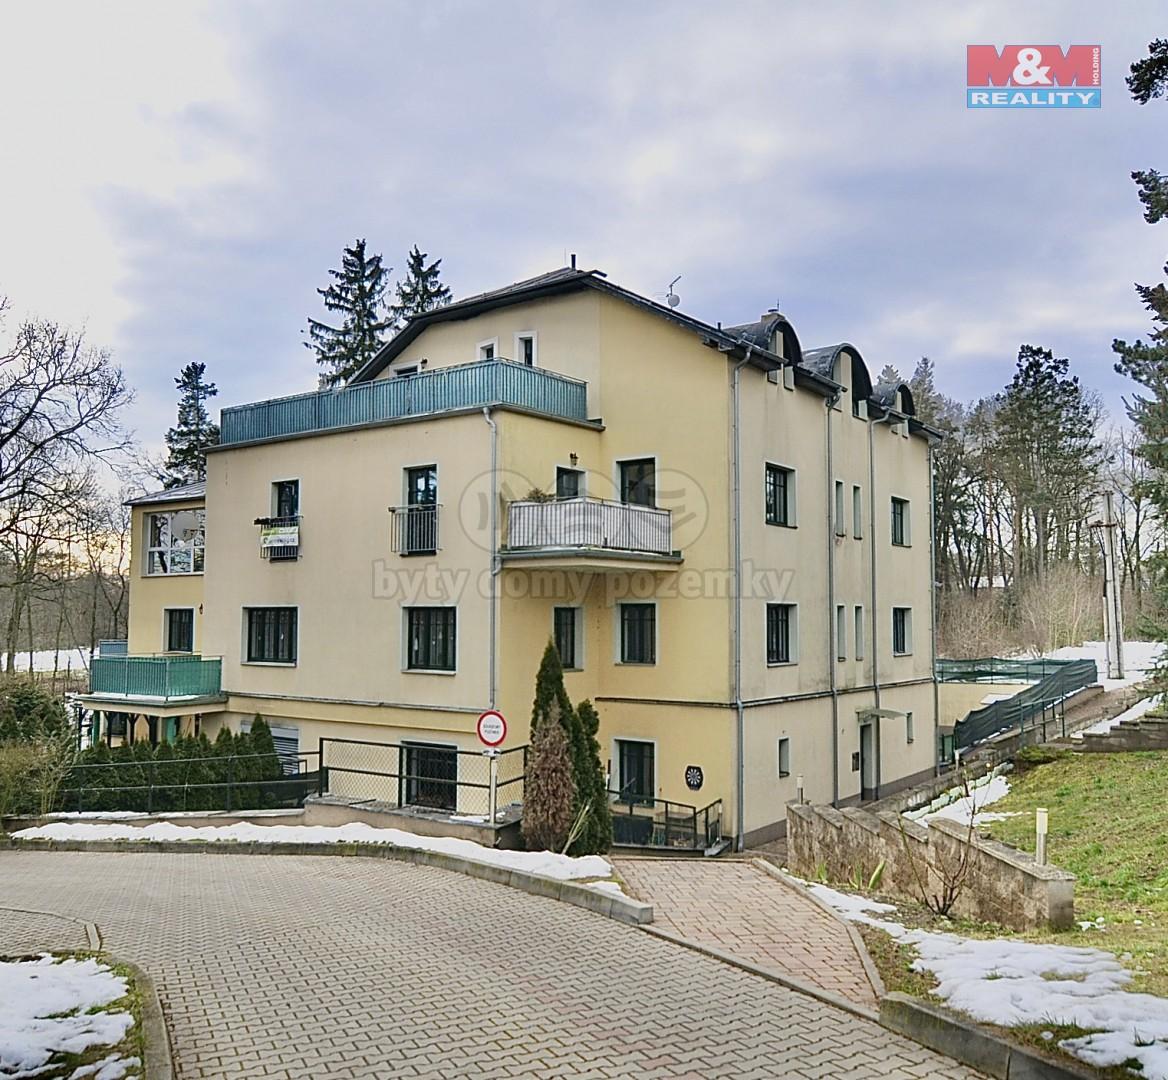 Prodej bytu 3+kk, 125 m², Jíloviště, ul. Všenorská